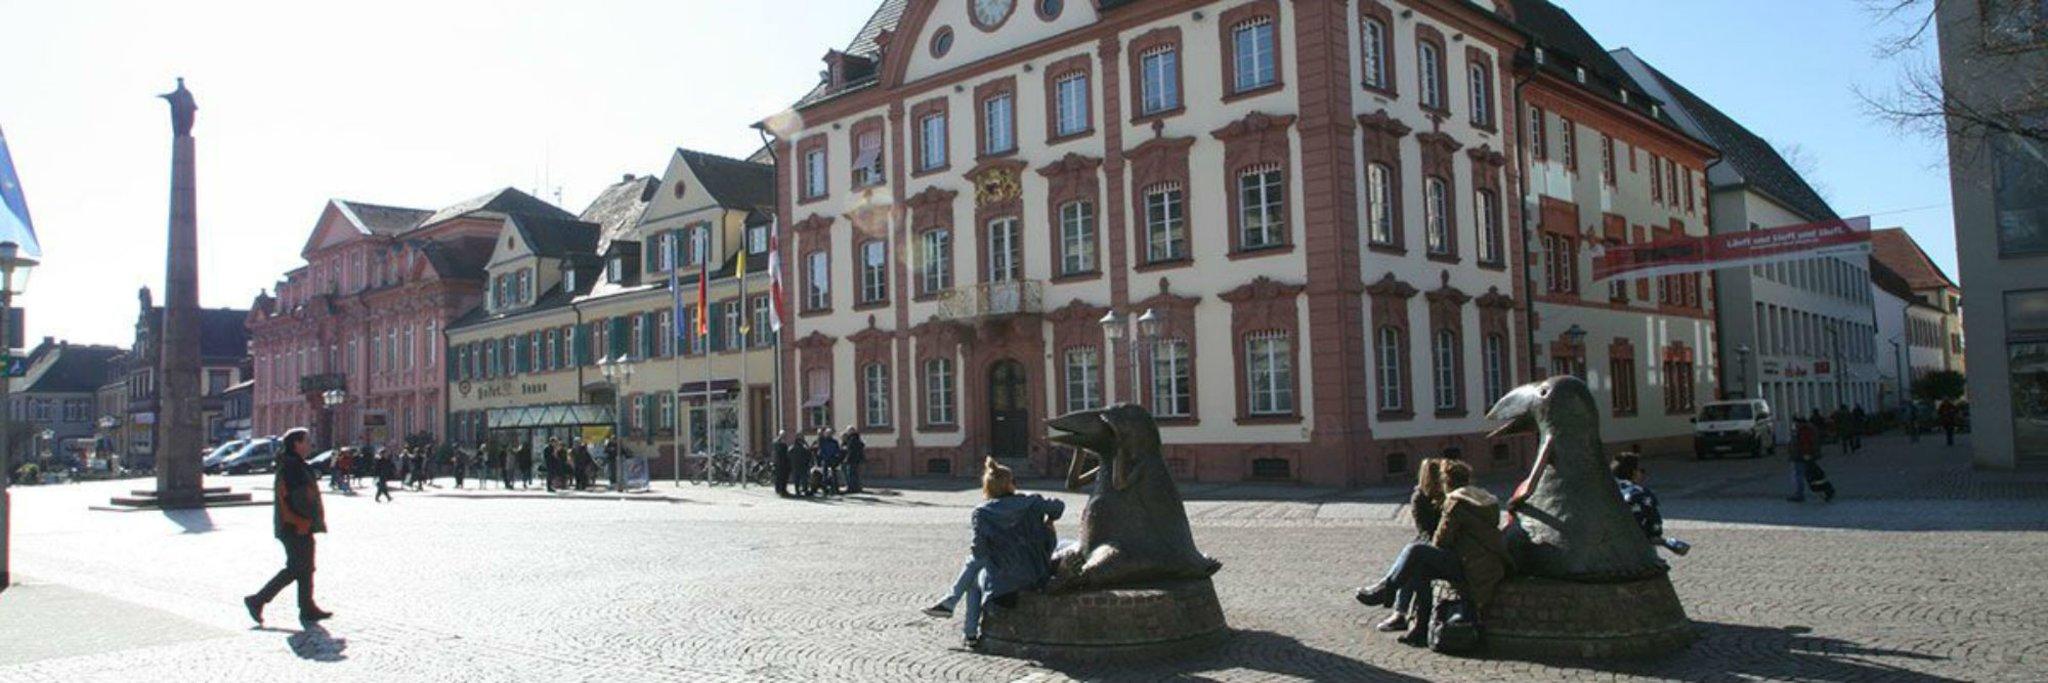 Offenburg Bürgermeisterwahl